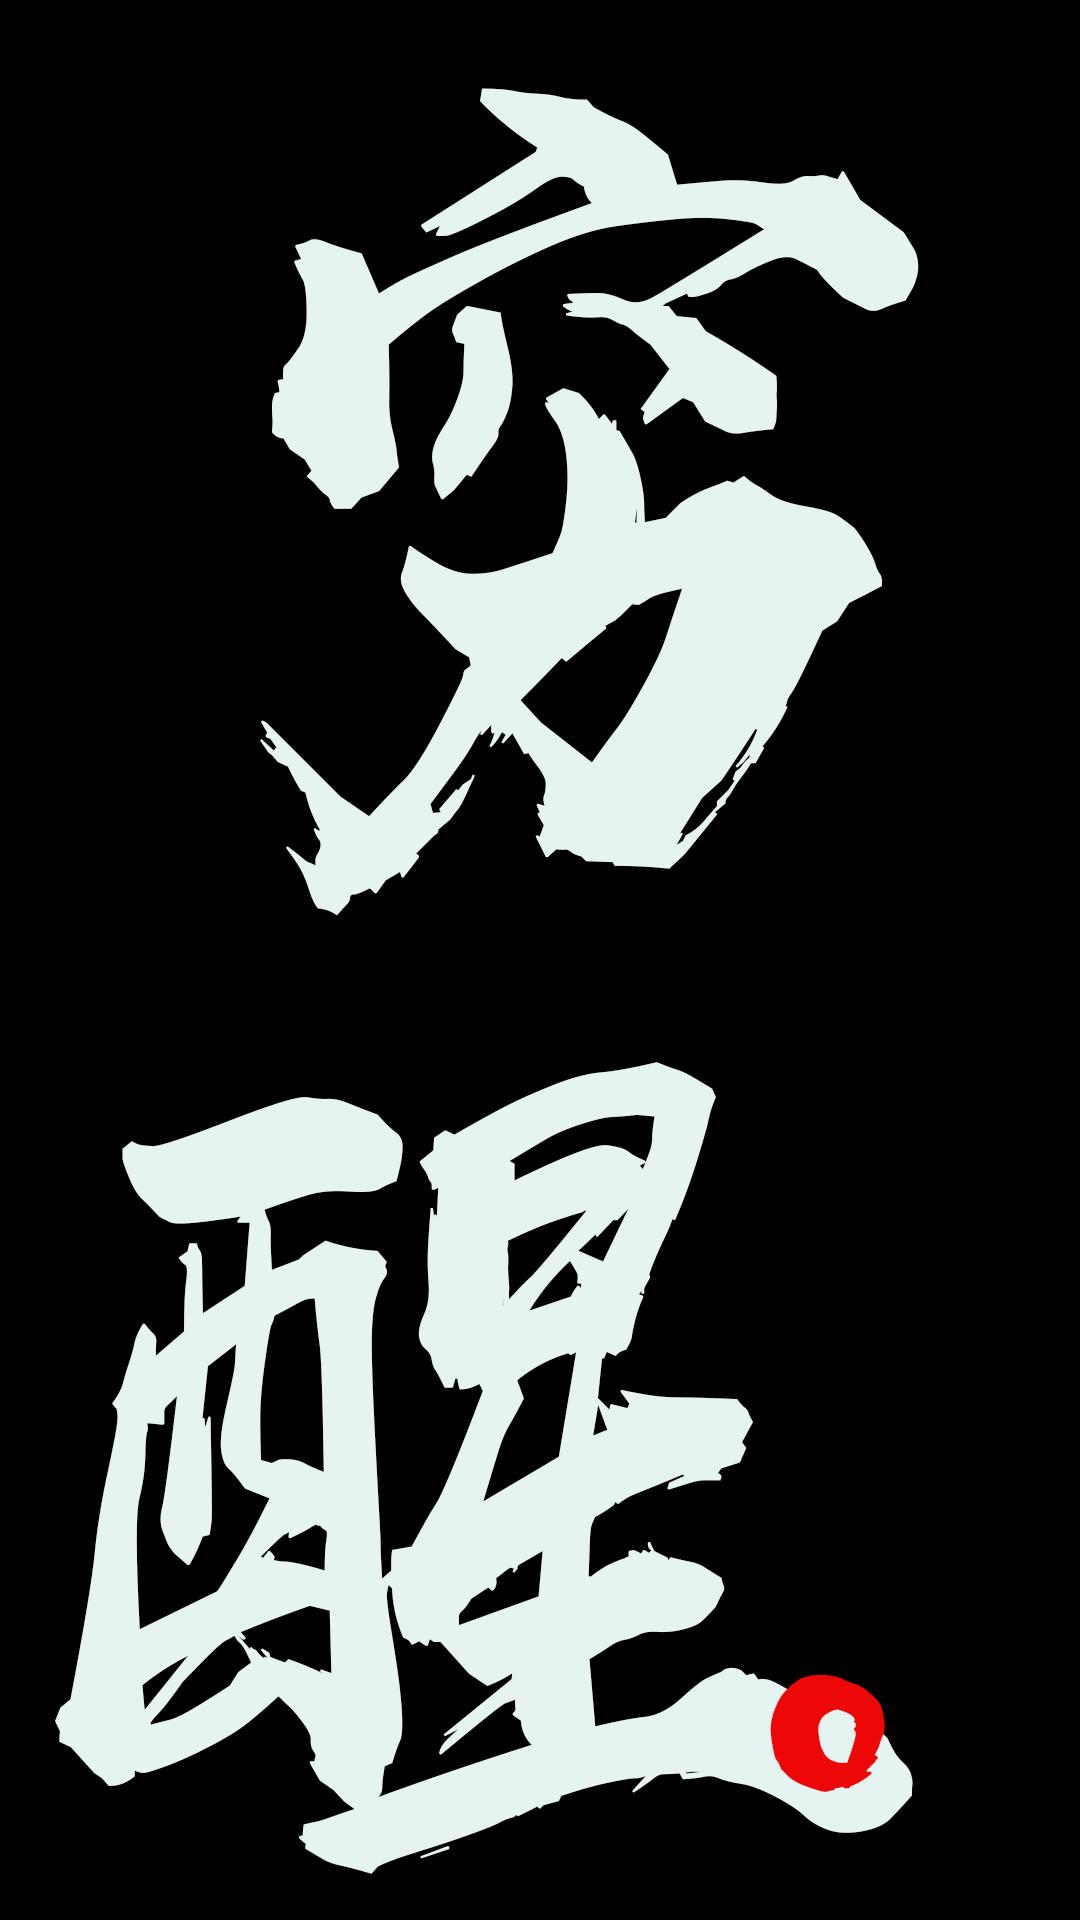 壁纸 | 自律文字手机壁纸插图1